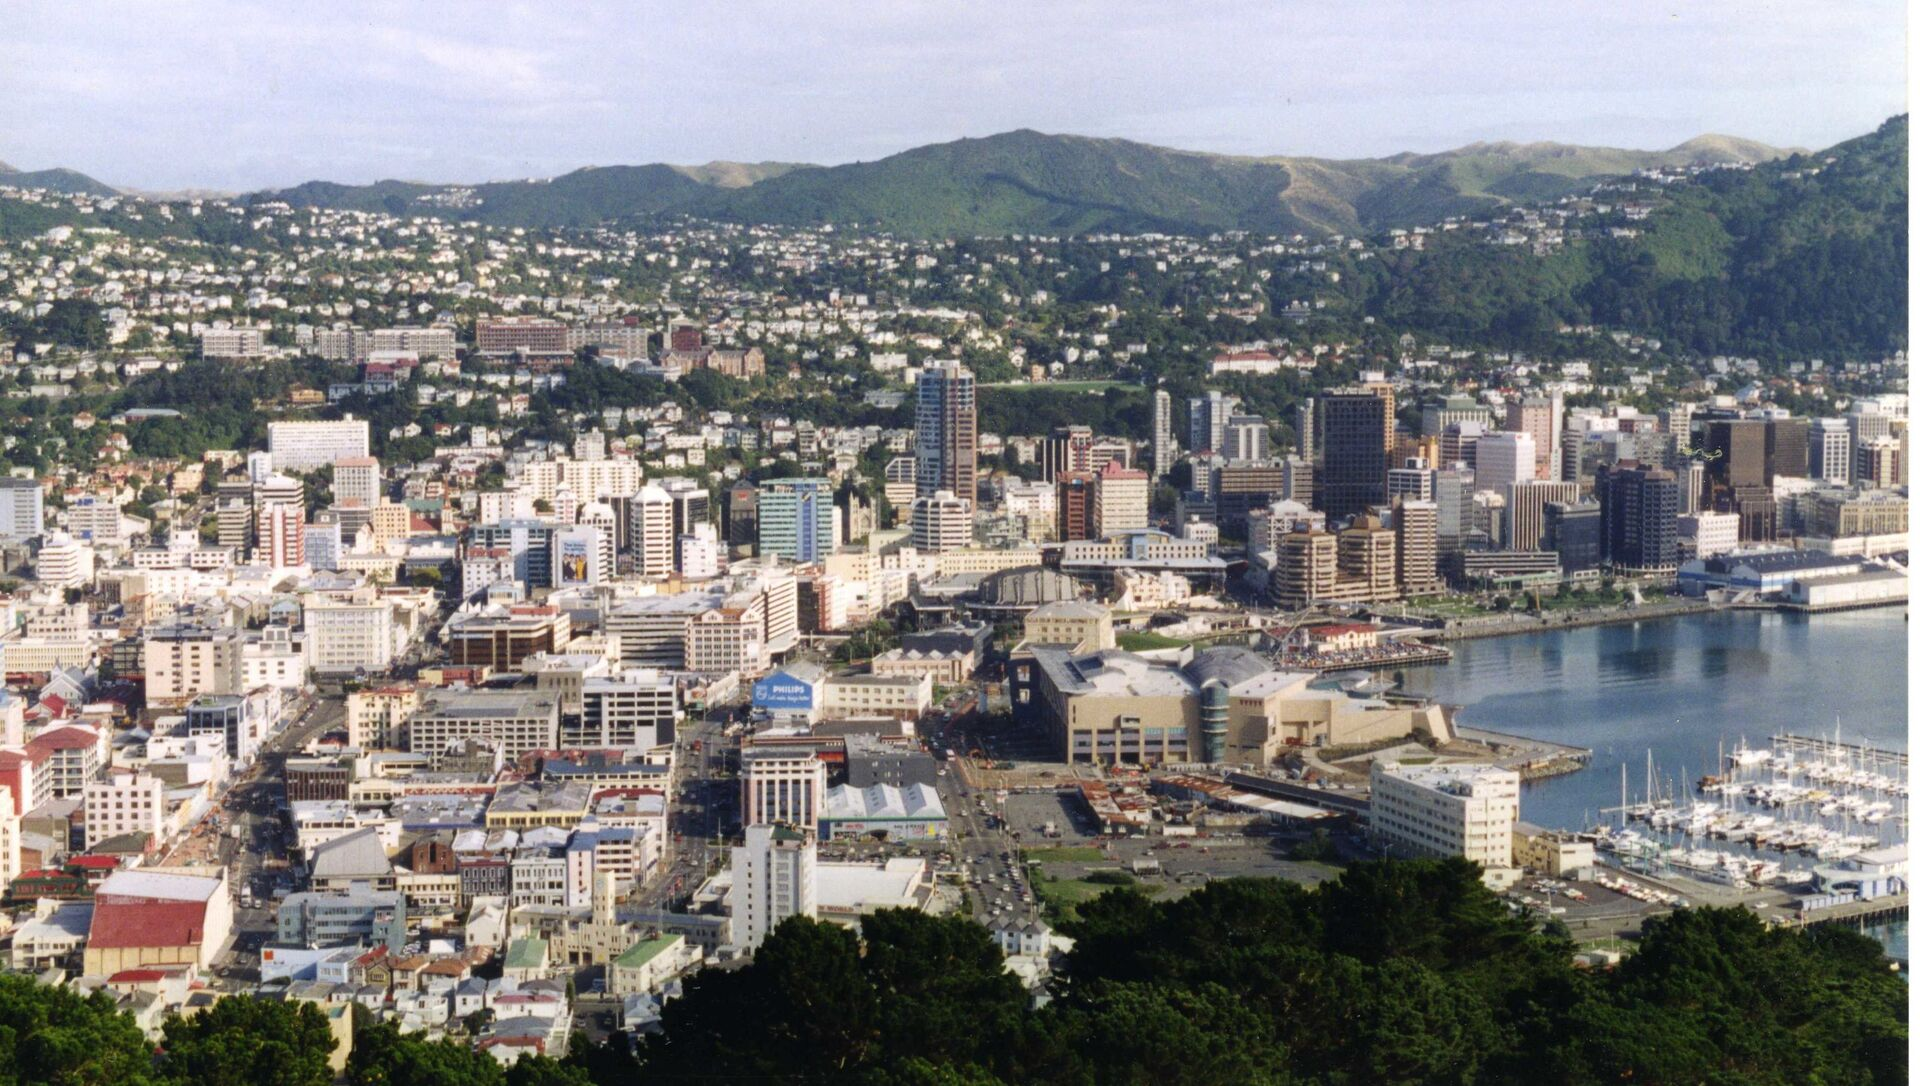 Wellington, Nouvelle-Zélande (archive photo) - Sputnik France, 1920, 23.08.2021